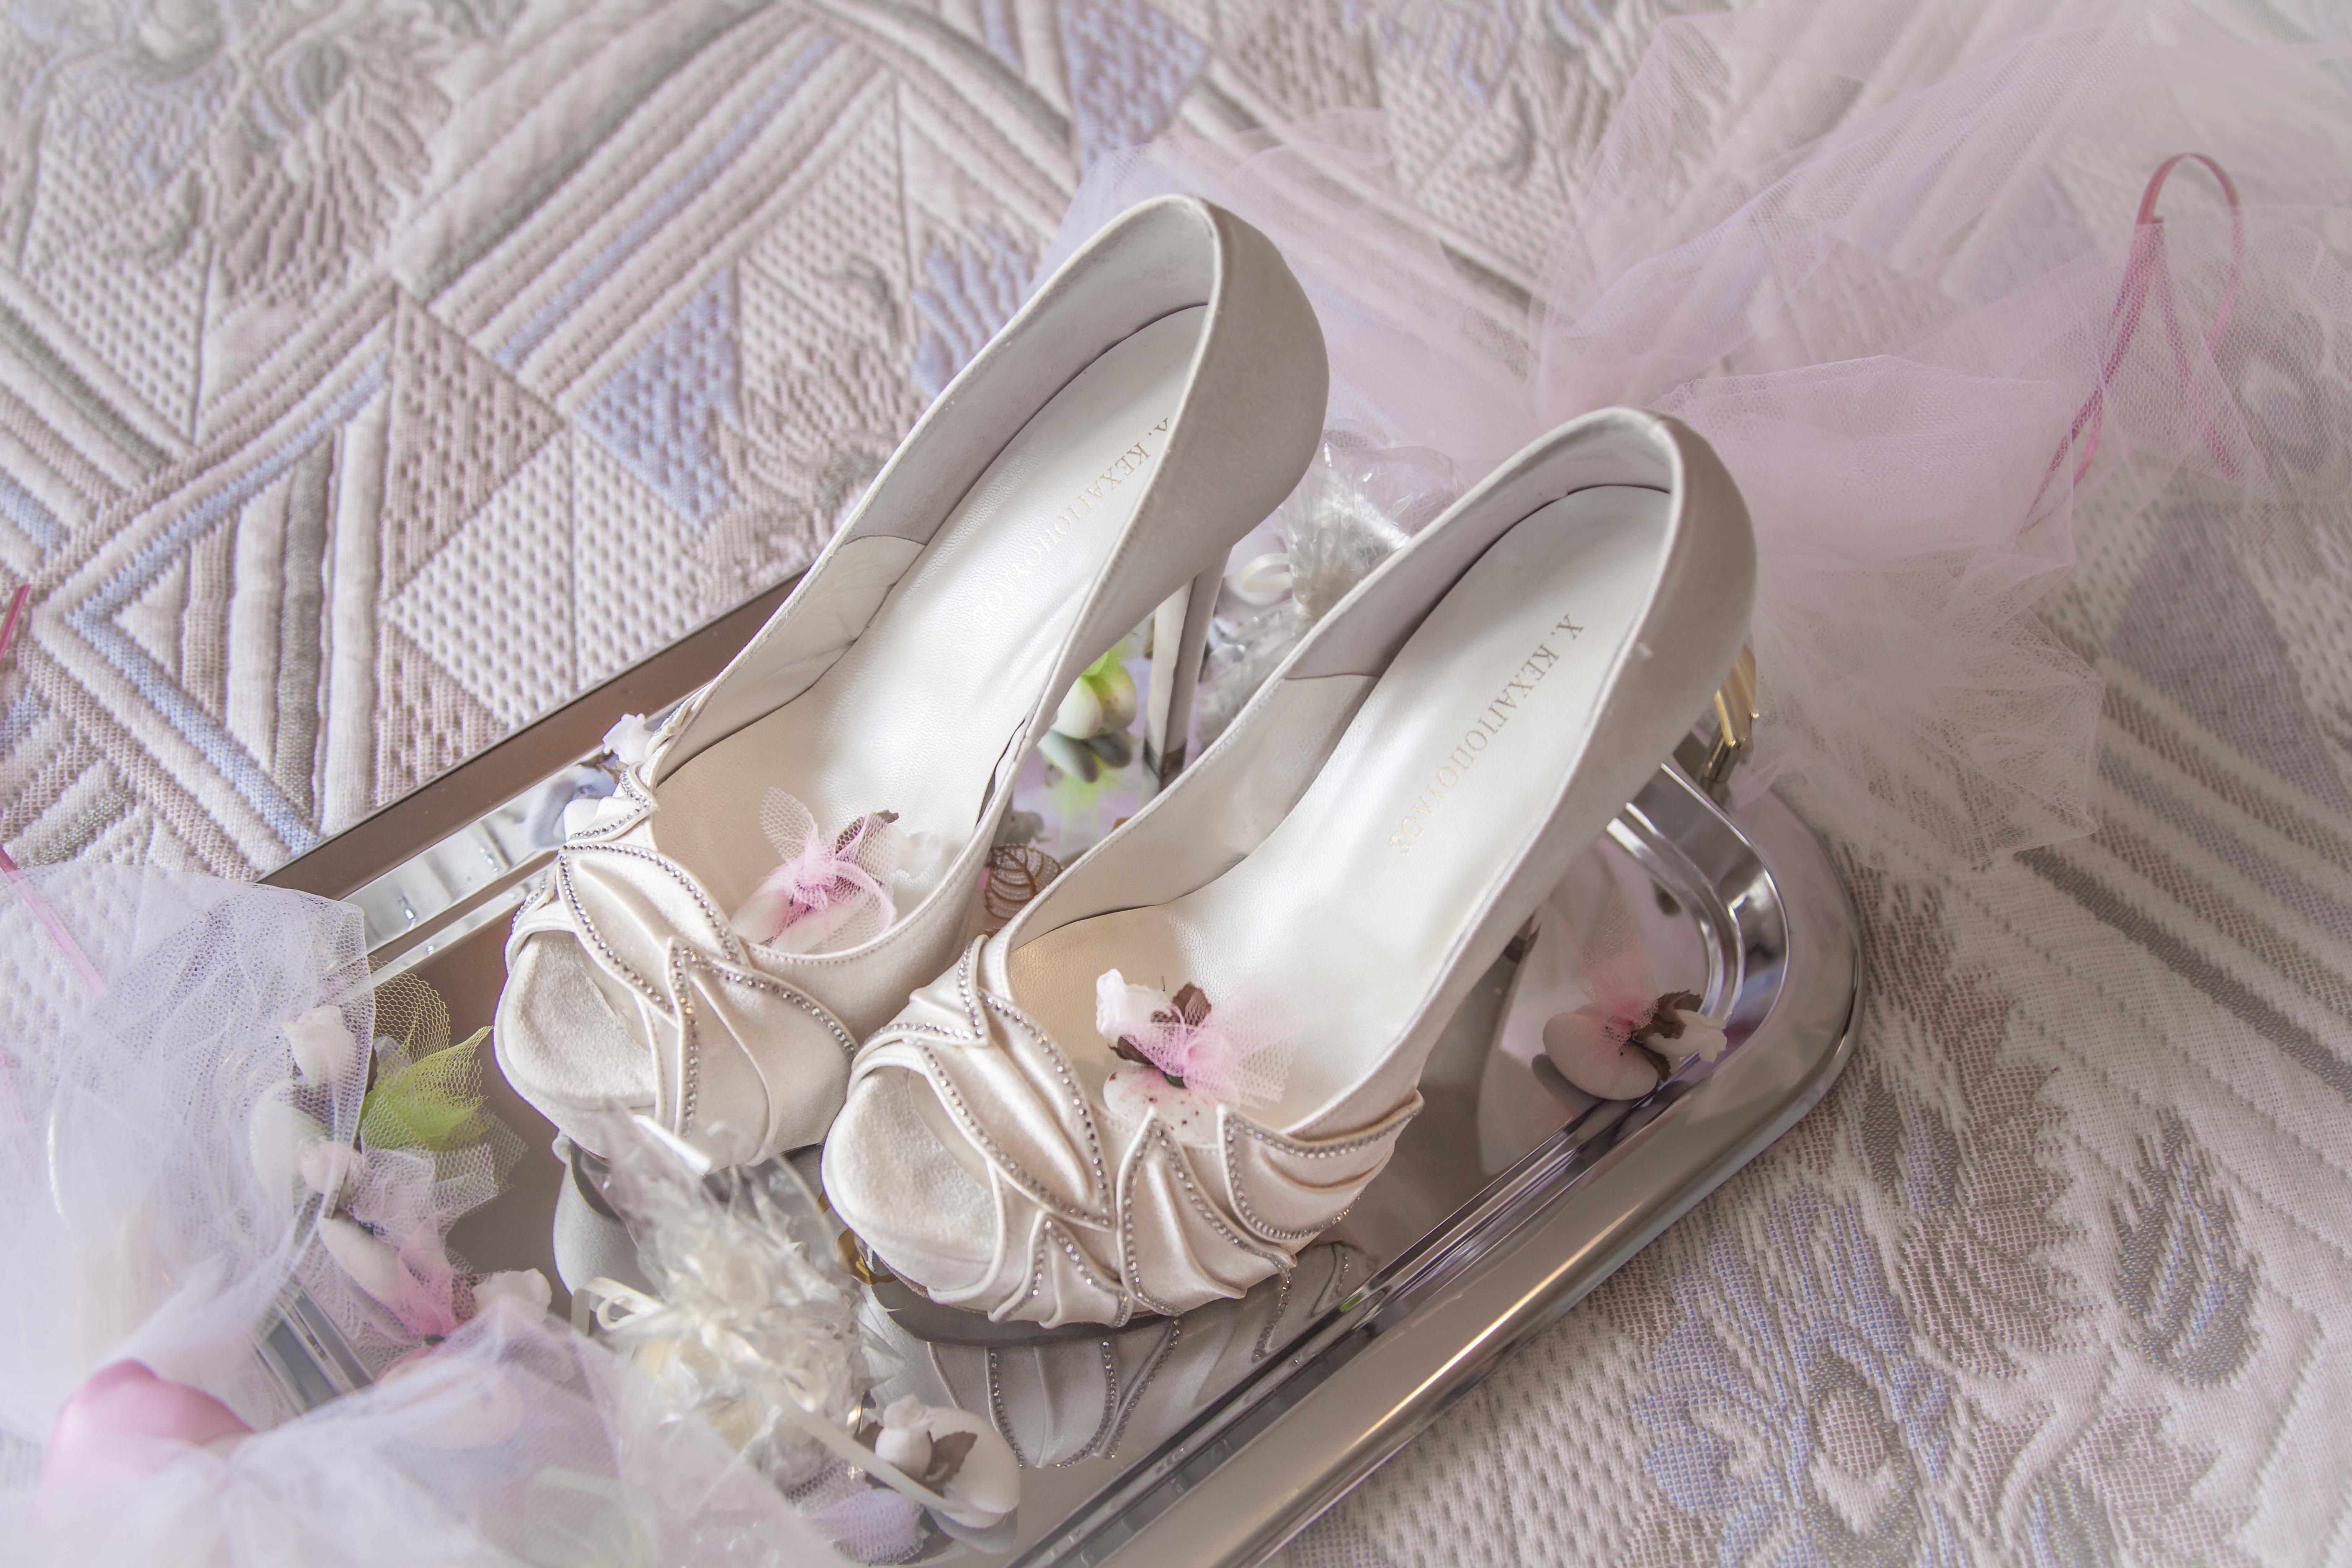 Kostenlose foto : Schuh, Frau, Weiß, Bein, Dekoration, Rosa ...